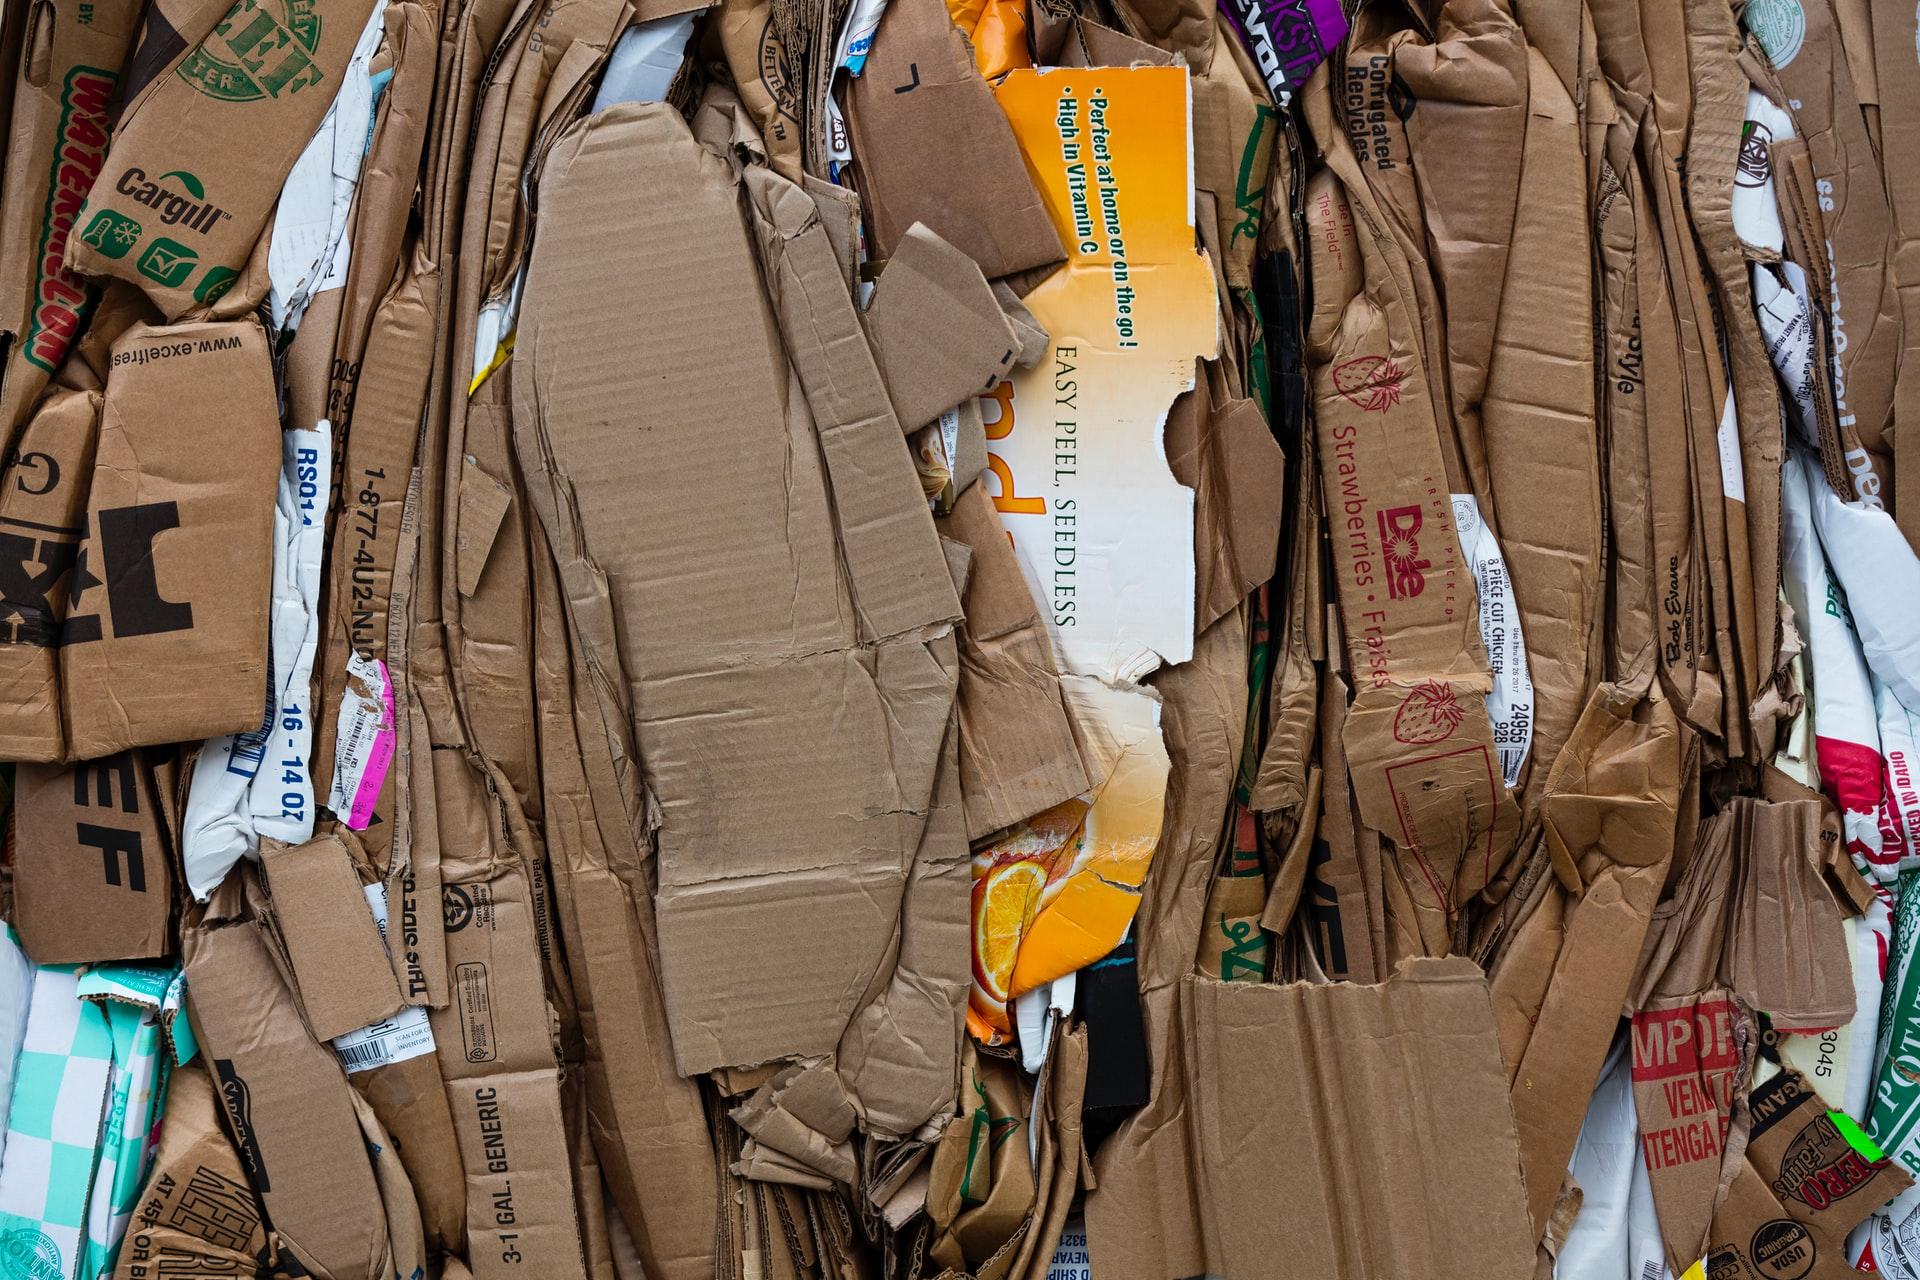 Verschiedenen arten von Papierverpackungen wie Barrierepapier bzw. das Funktionspapier